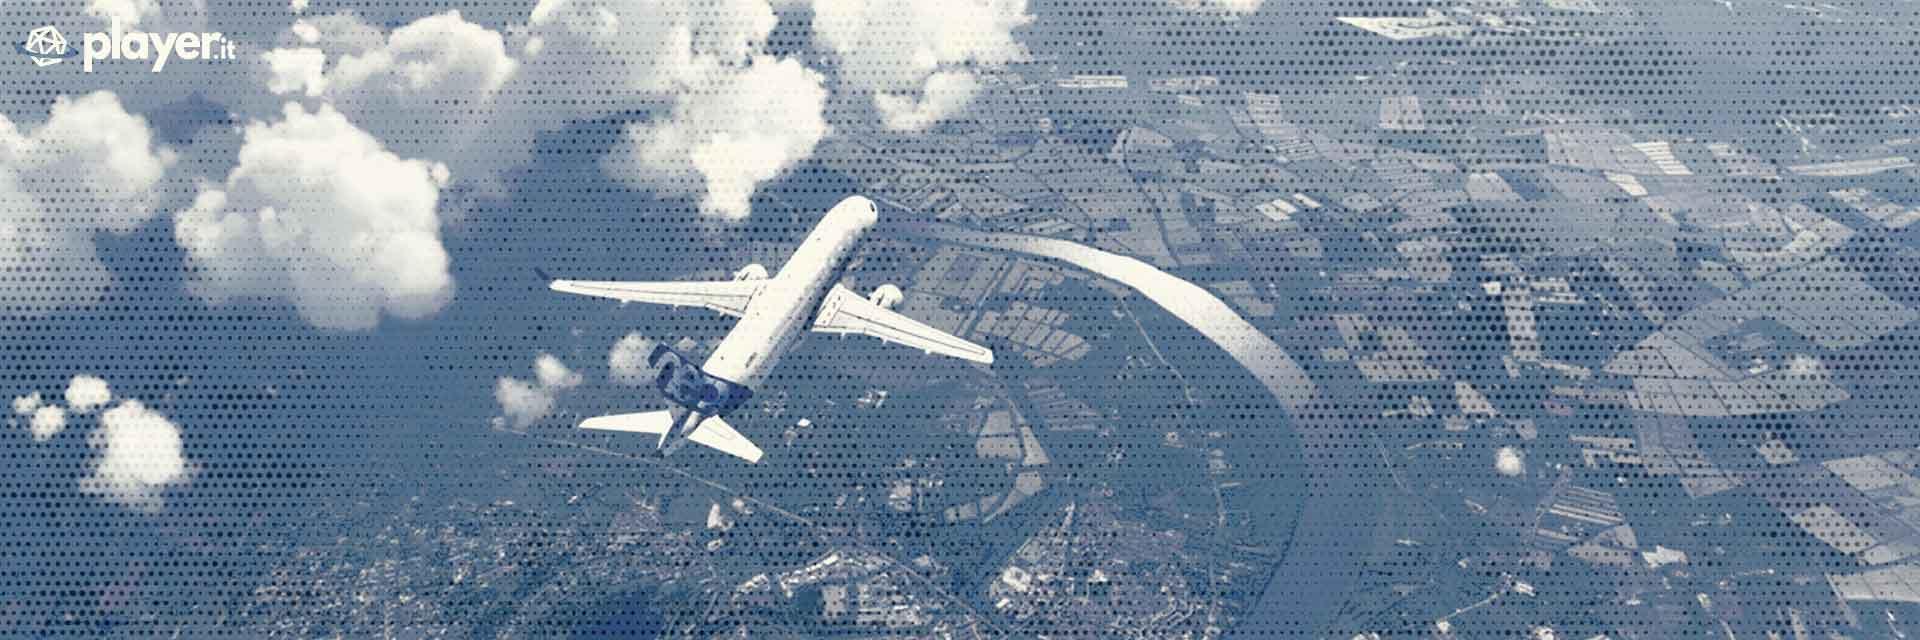 immagine in evidenza del gioco Microsoft Flight Simulator